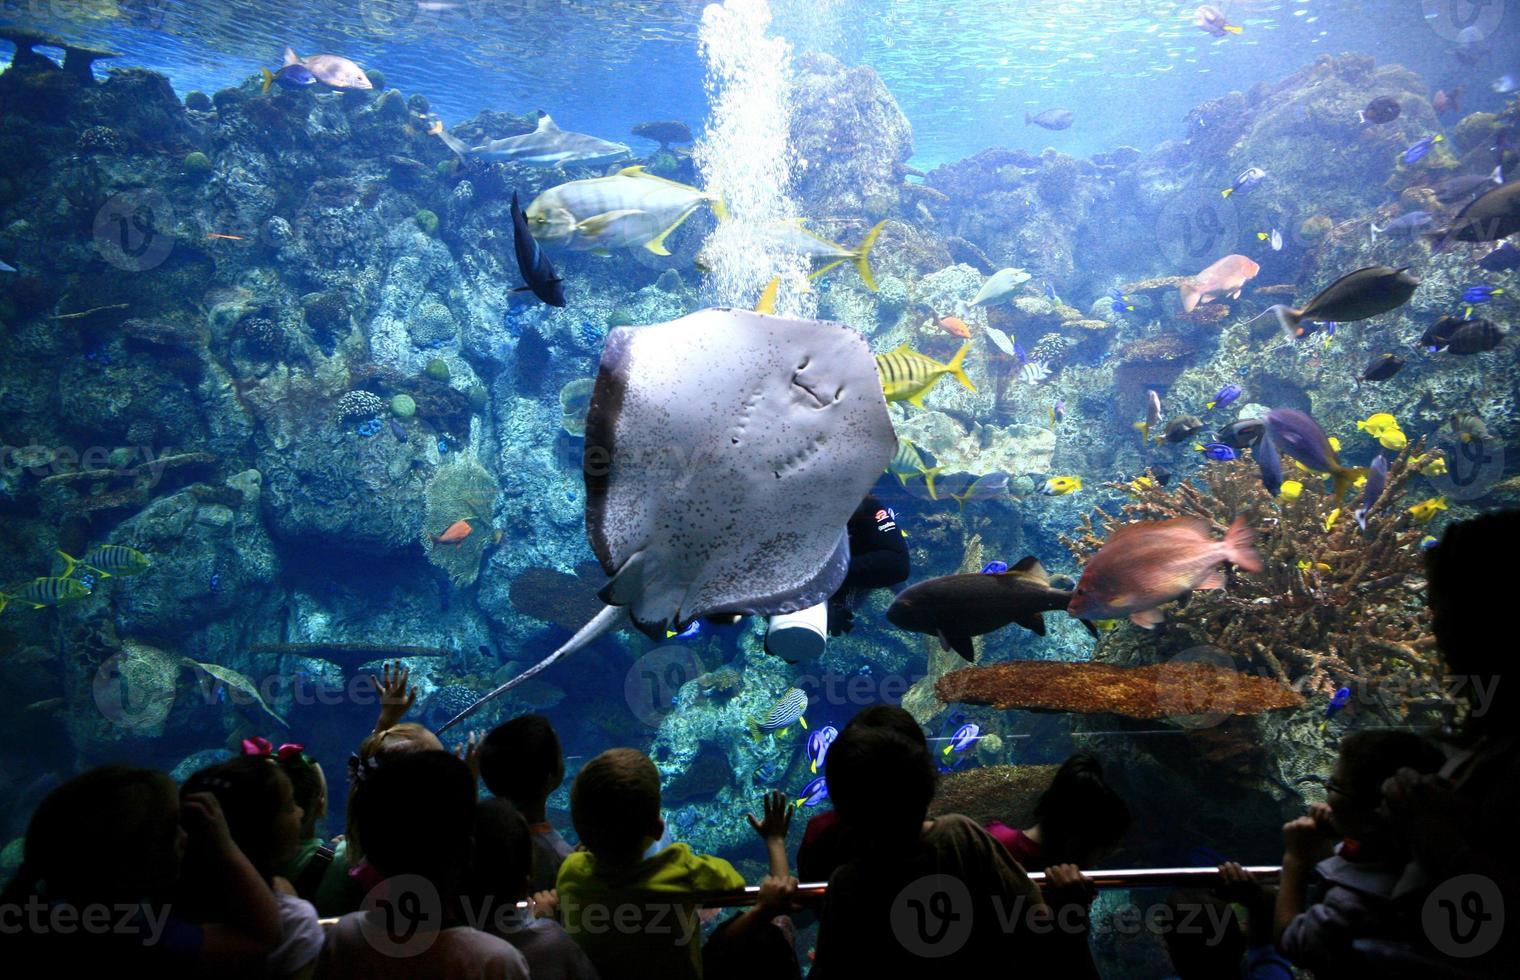 immagine subacquea della vita oceanica in un acquario foto